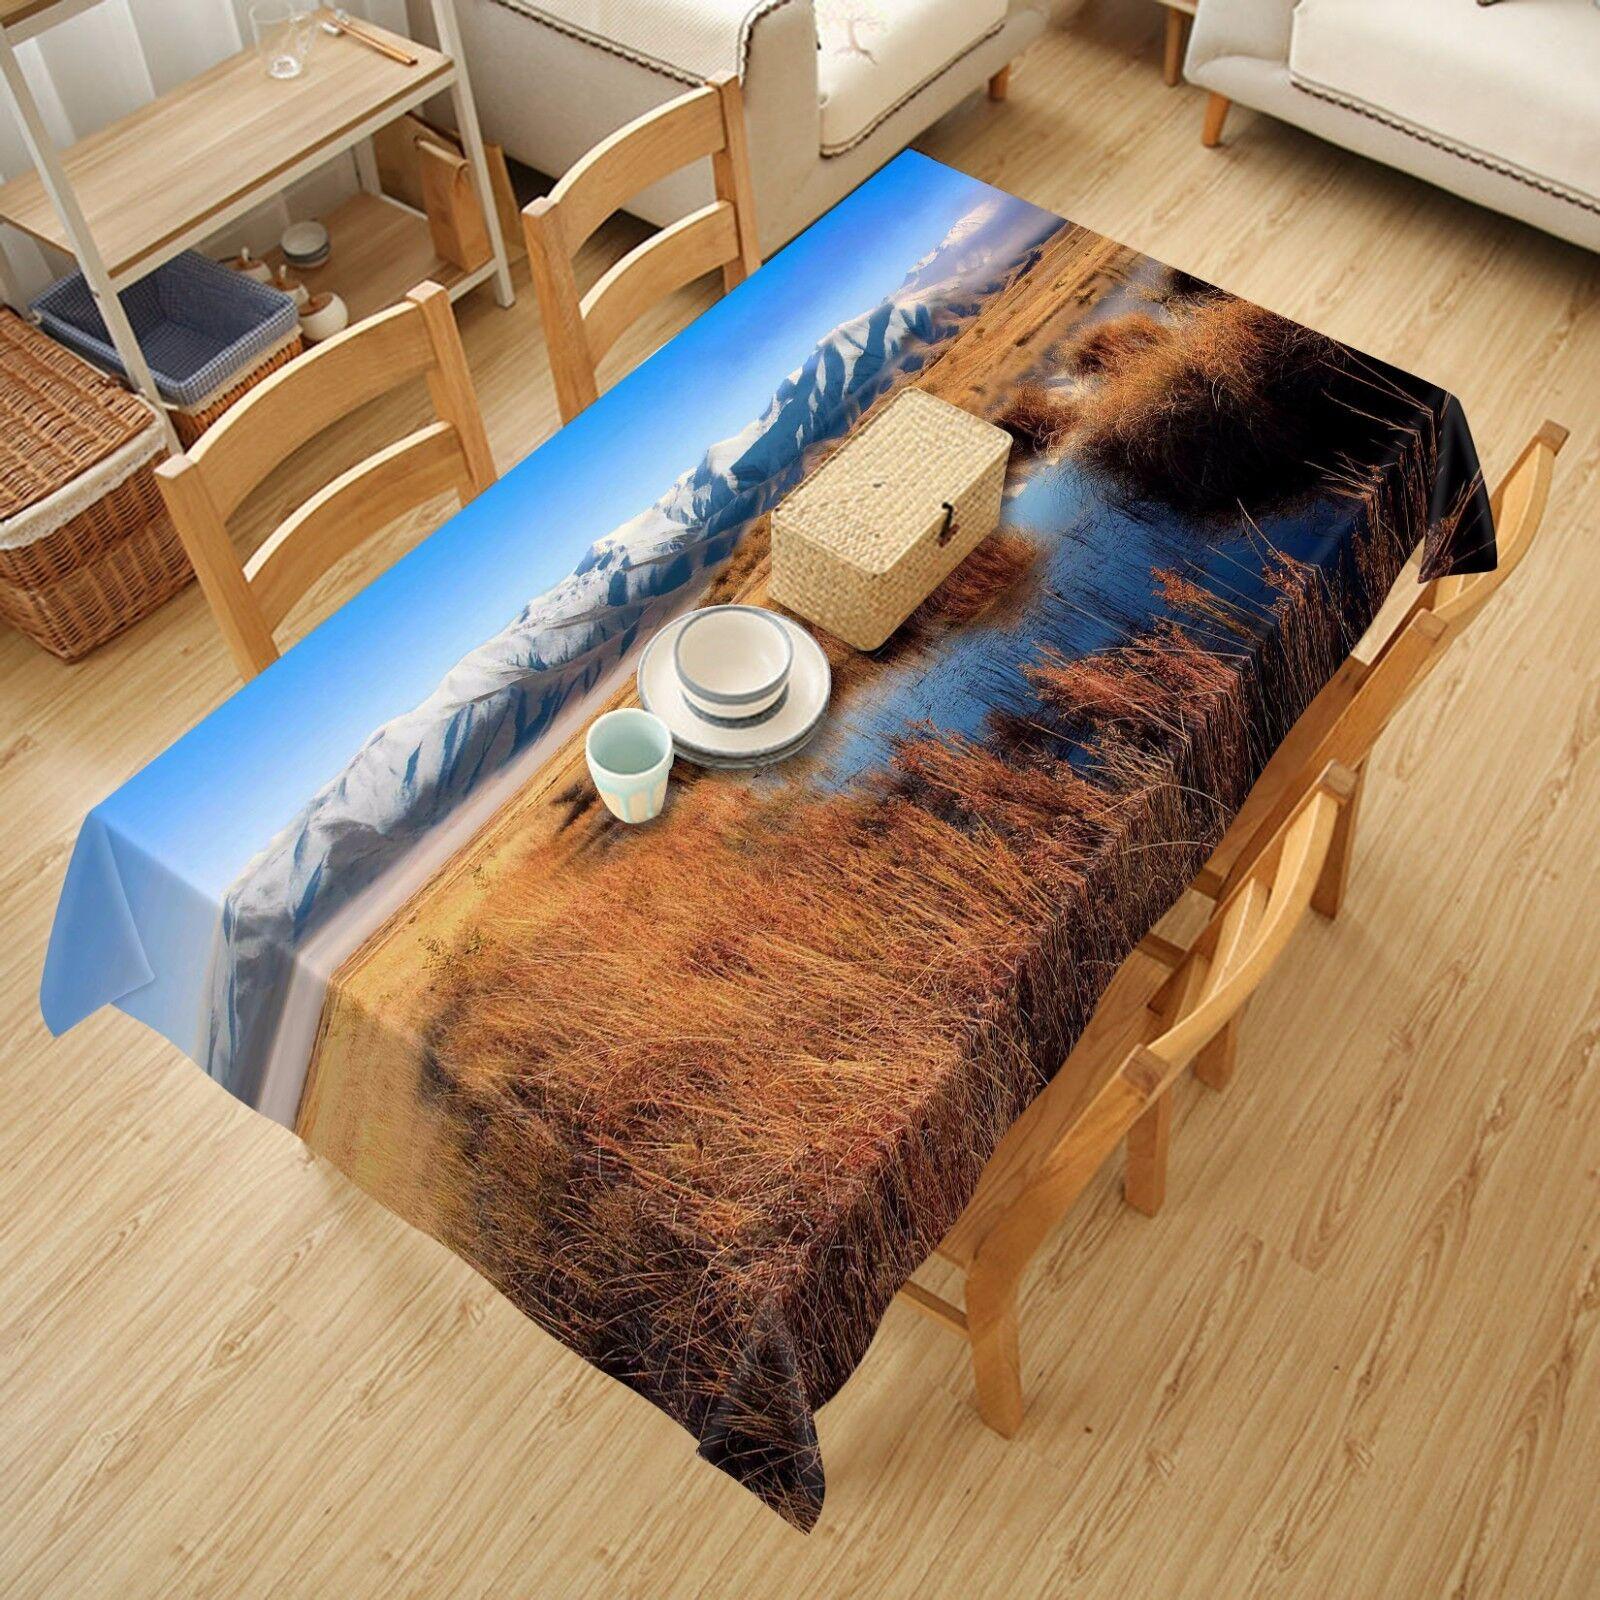 3D Ciel Pelouse 842 Nappe Table Cover Cloth Fête D'Anniversaire événement AJ papier peint UK